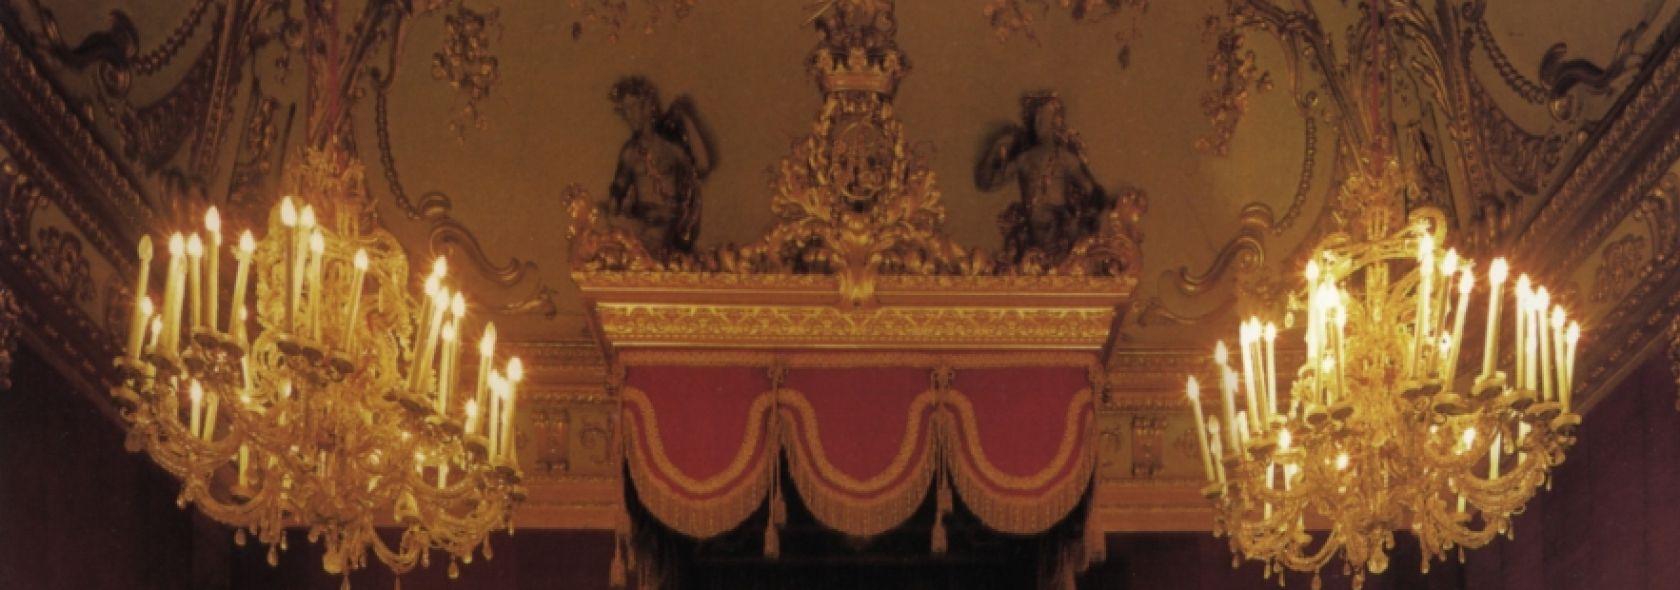 Palazzo Reale - Sala del trono